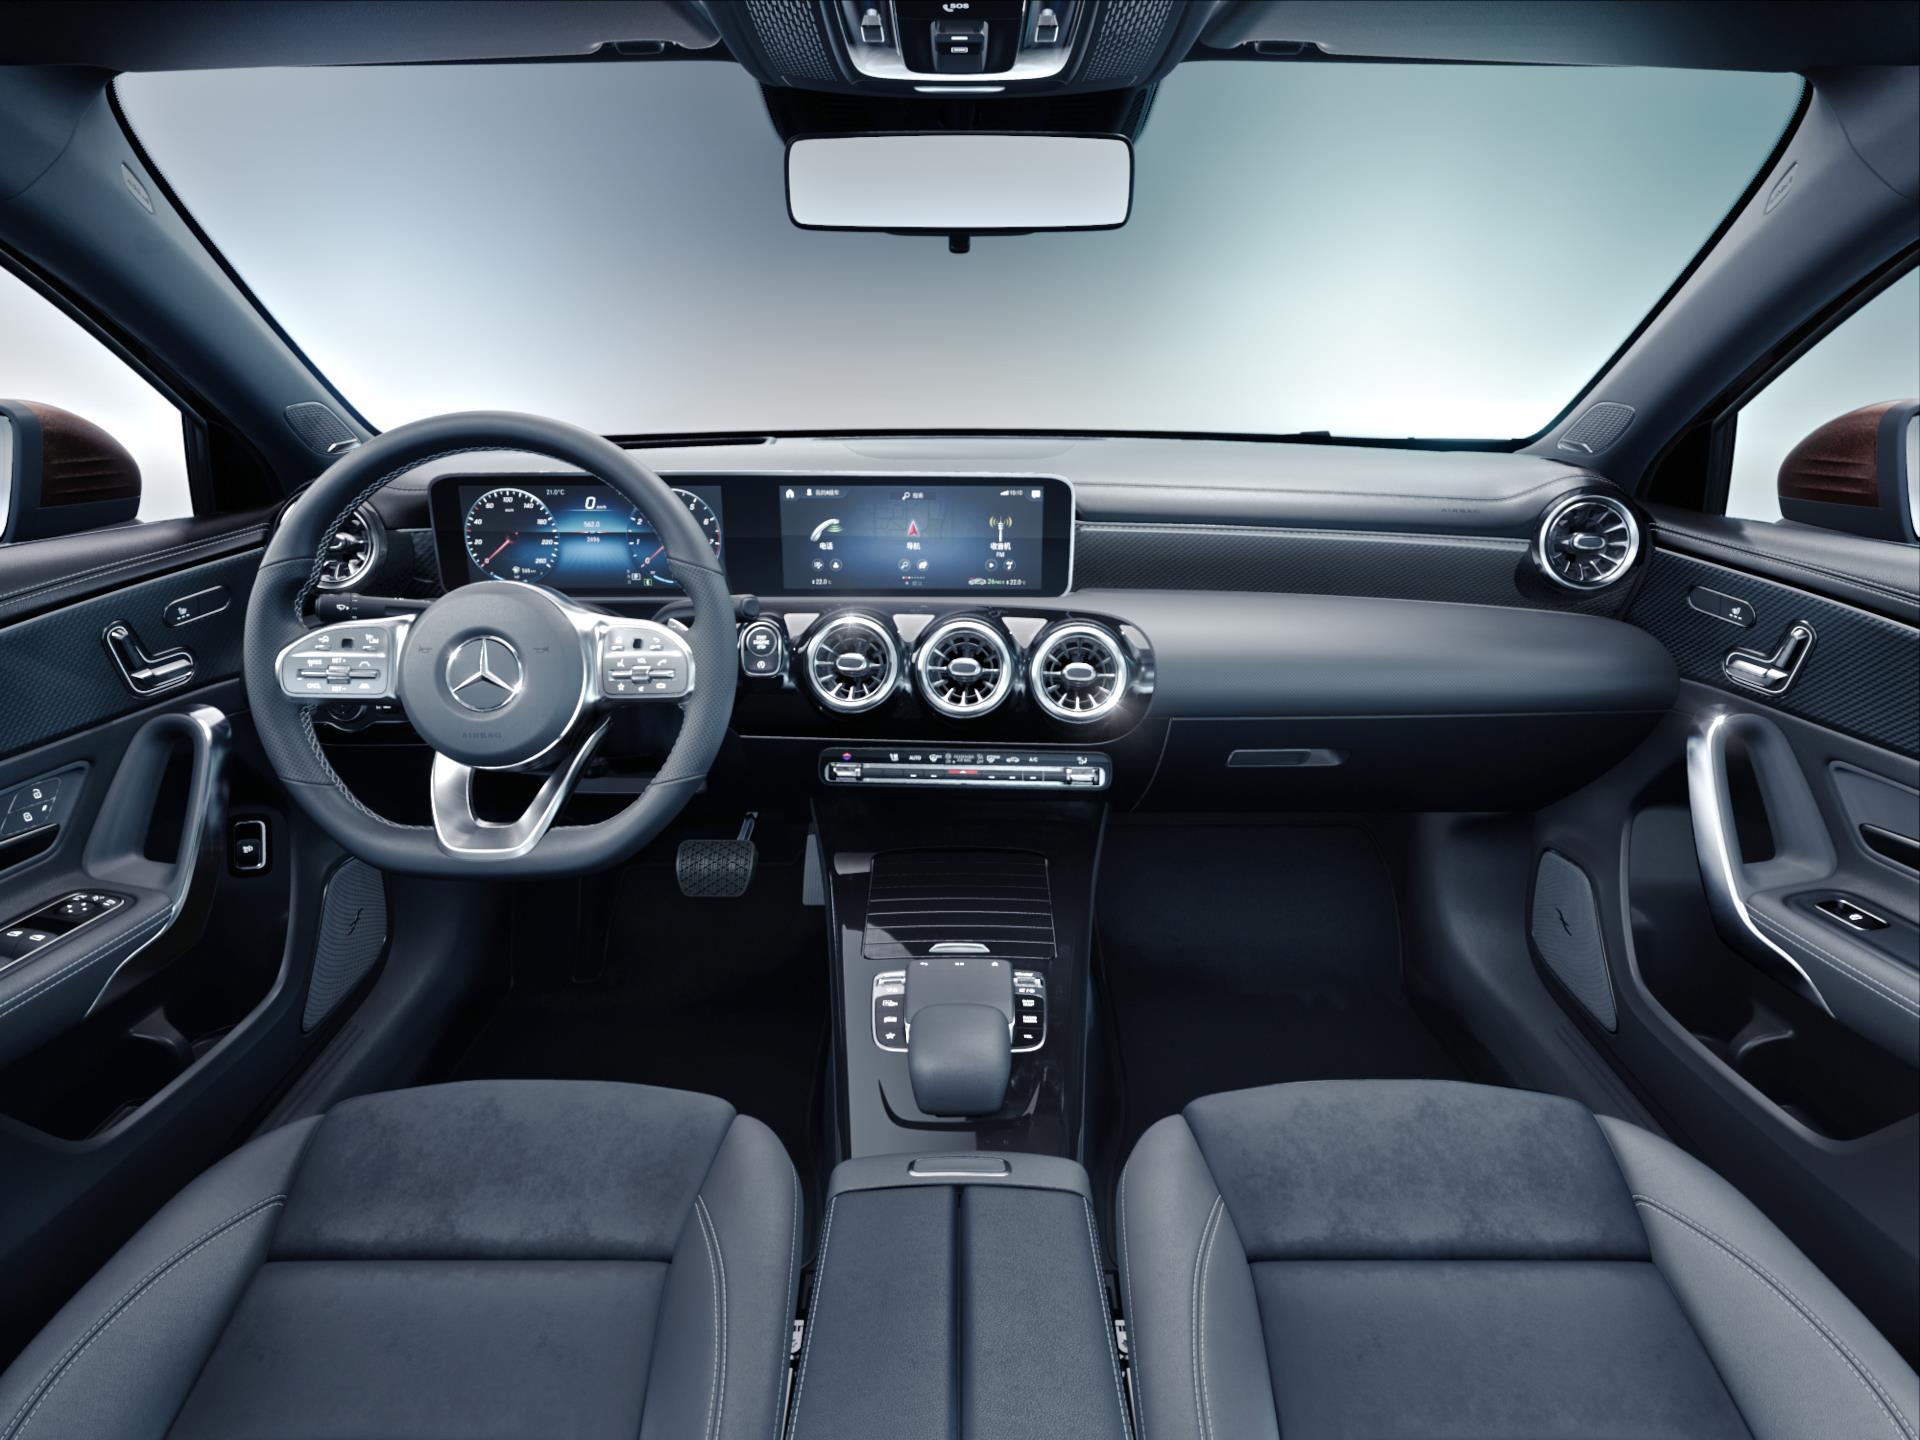 2019 mercedes benz a class sedan interior. Black Bedroom Furniture Sets. Home Design Ideas